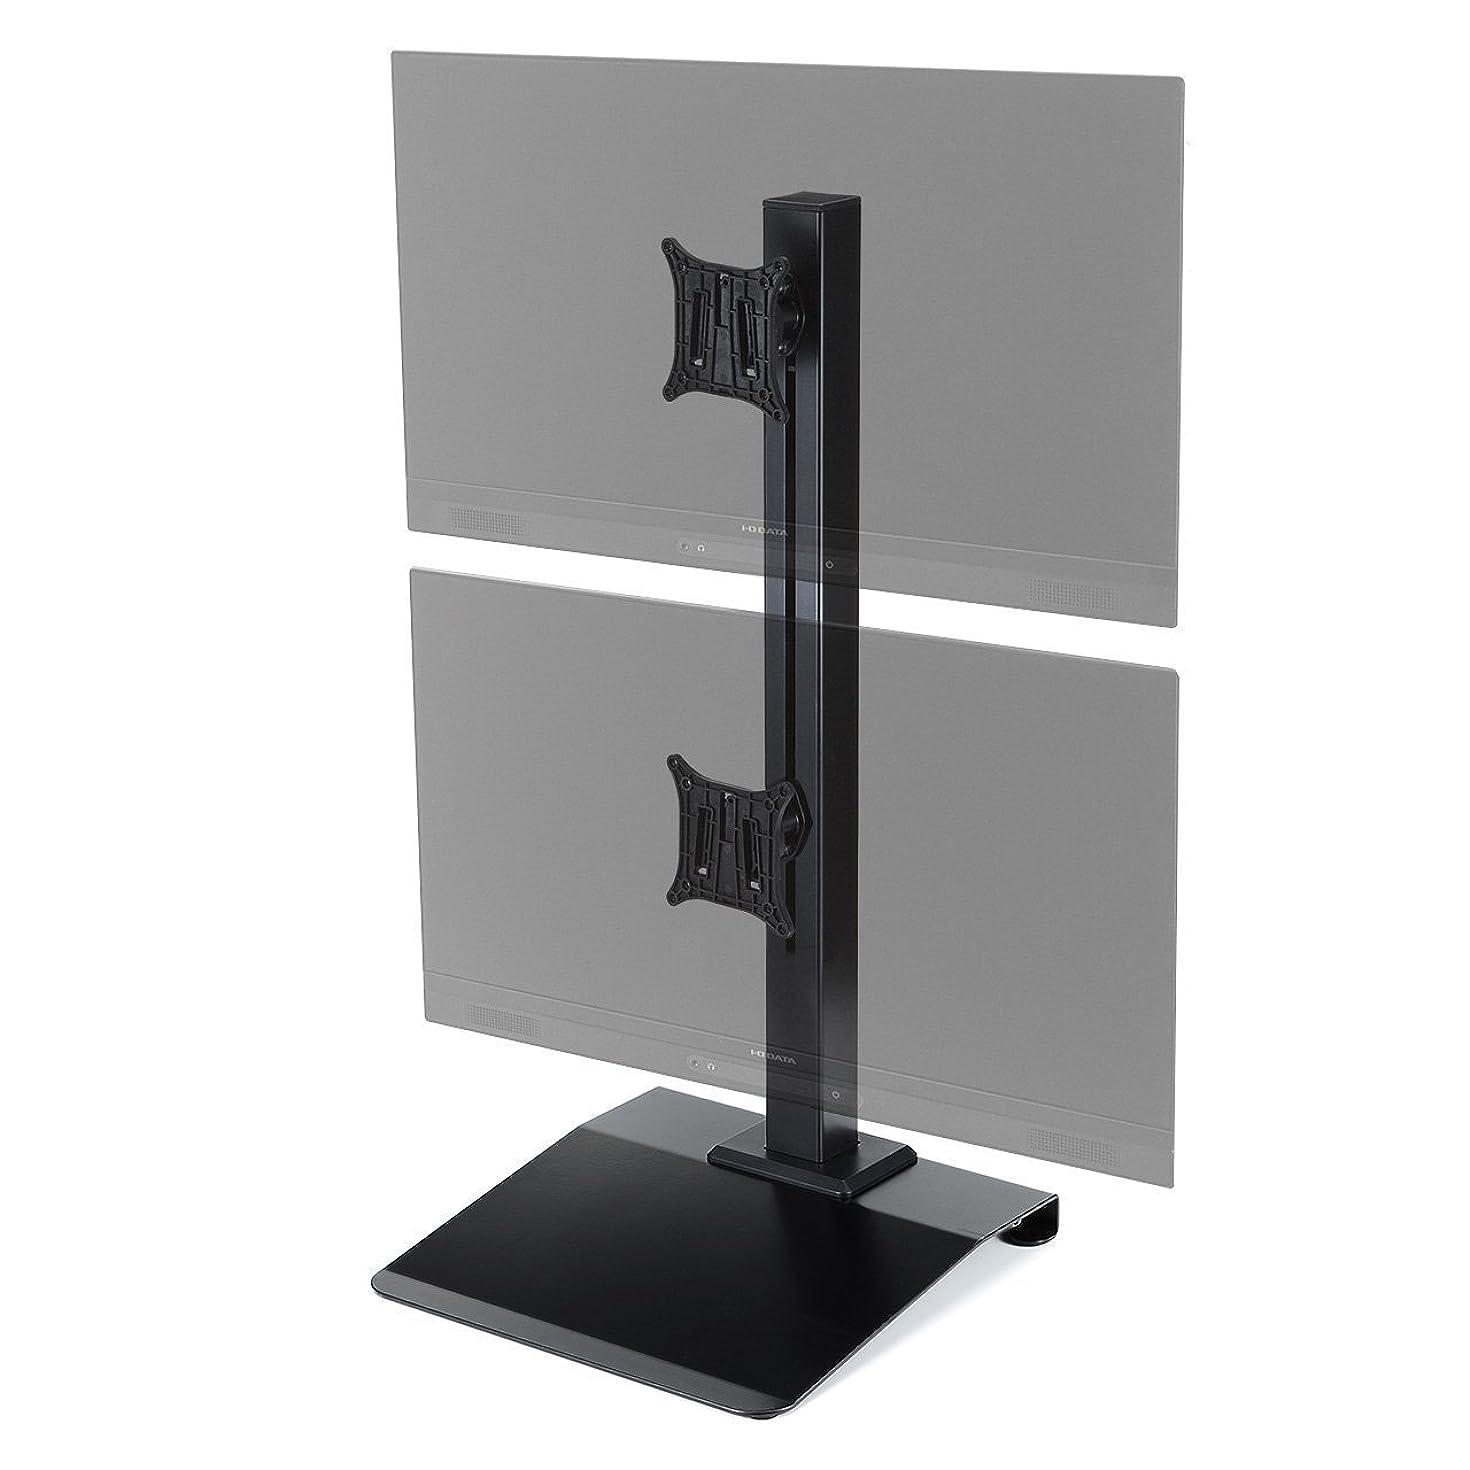 ありそうリファインベルベットサンワダイレクト スタンド モニターアーム 置き型液晶アーム デュアルアーム 上下2面 耐荷重10kg 100-LA032